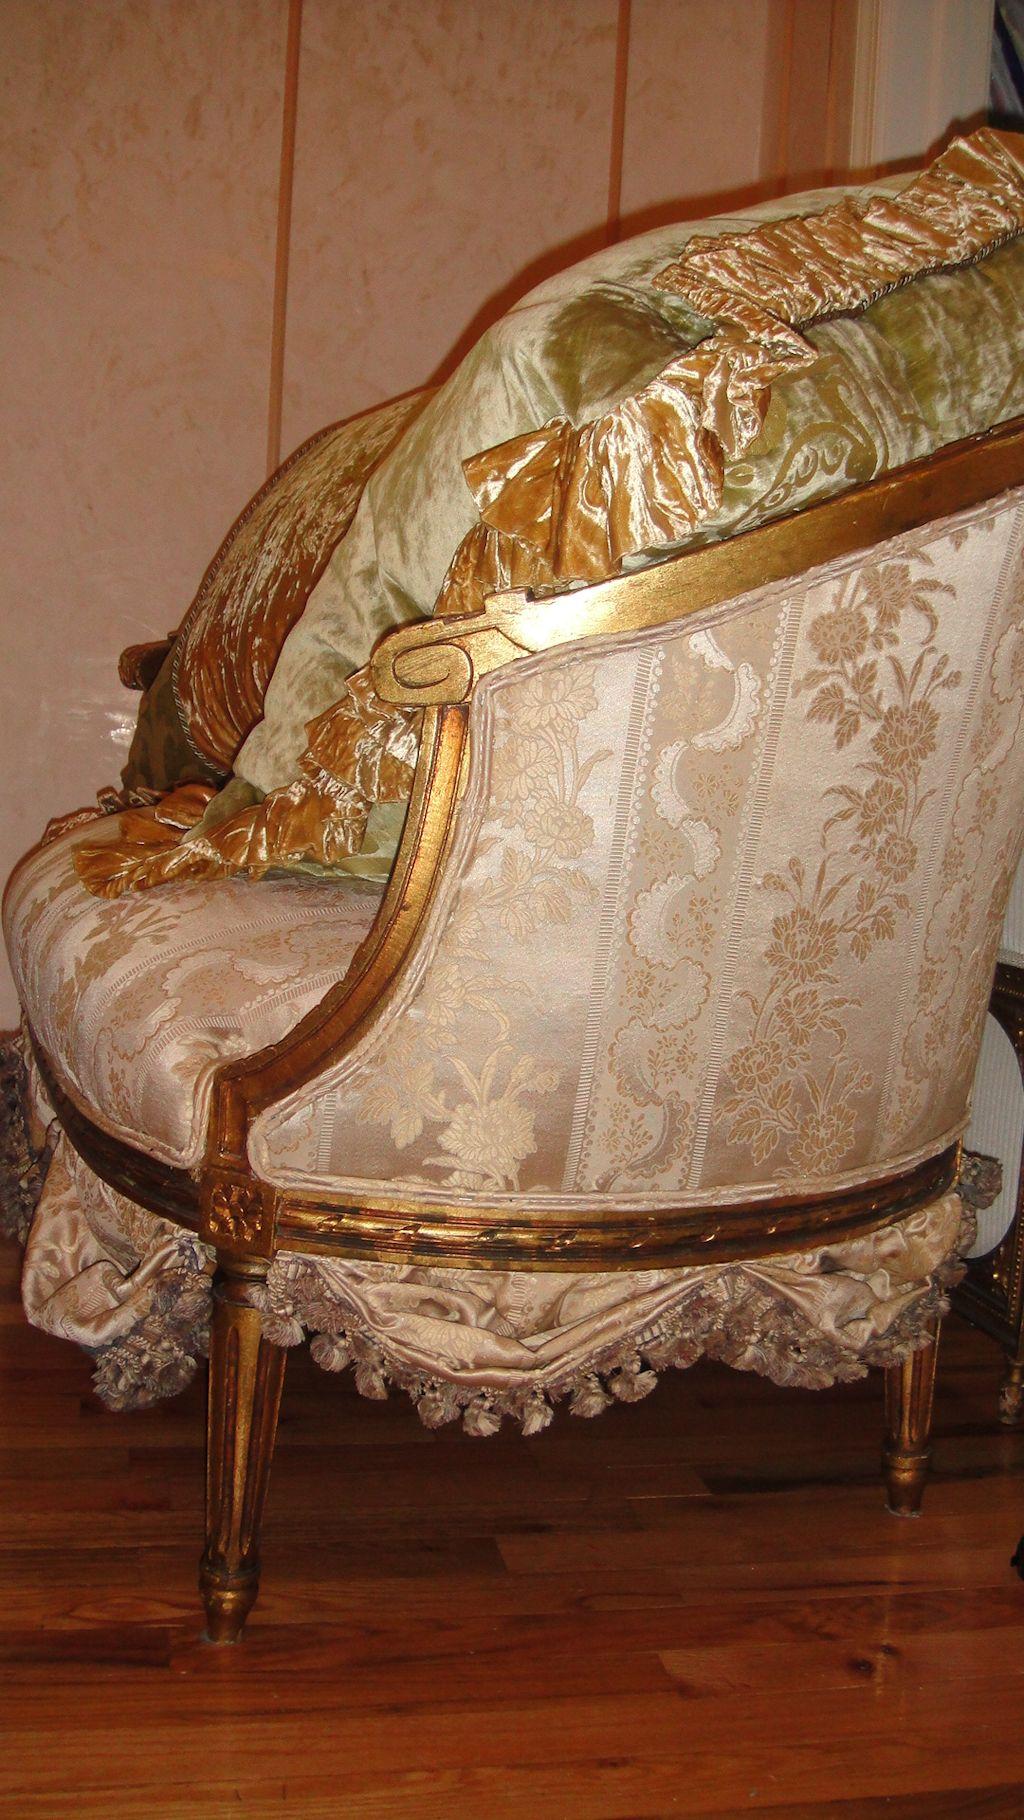 antique french sofa ebay henredon fireside short settee loveseat circa 1800 39s scallops